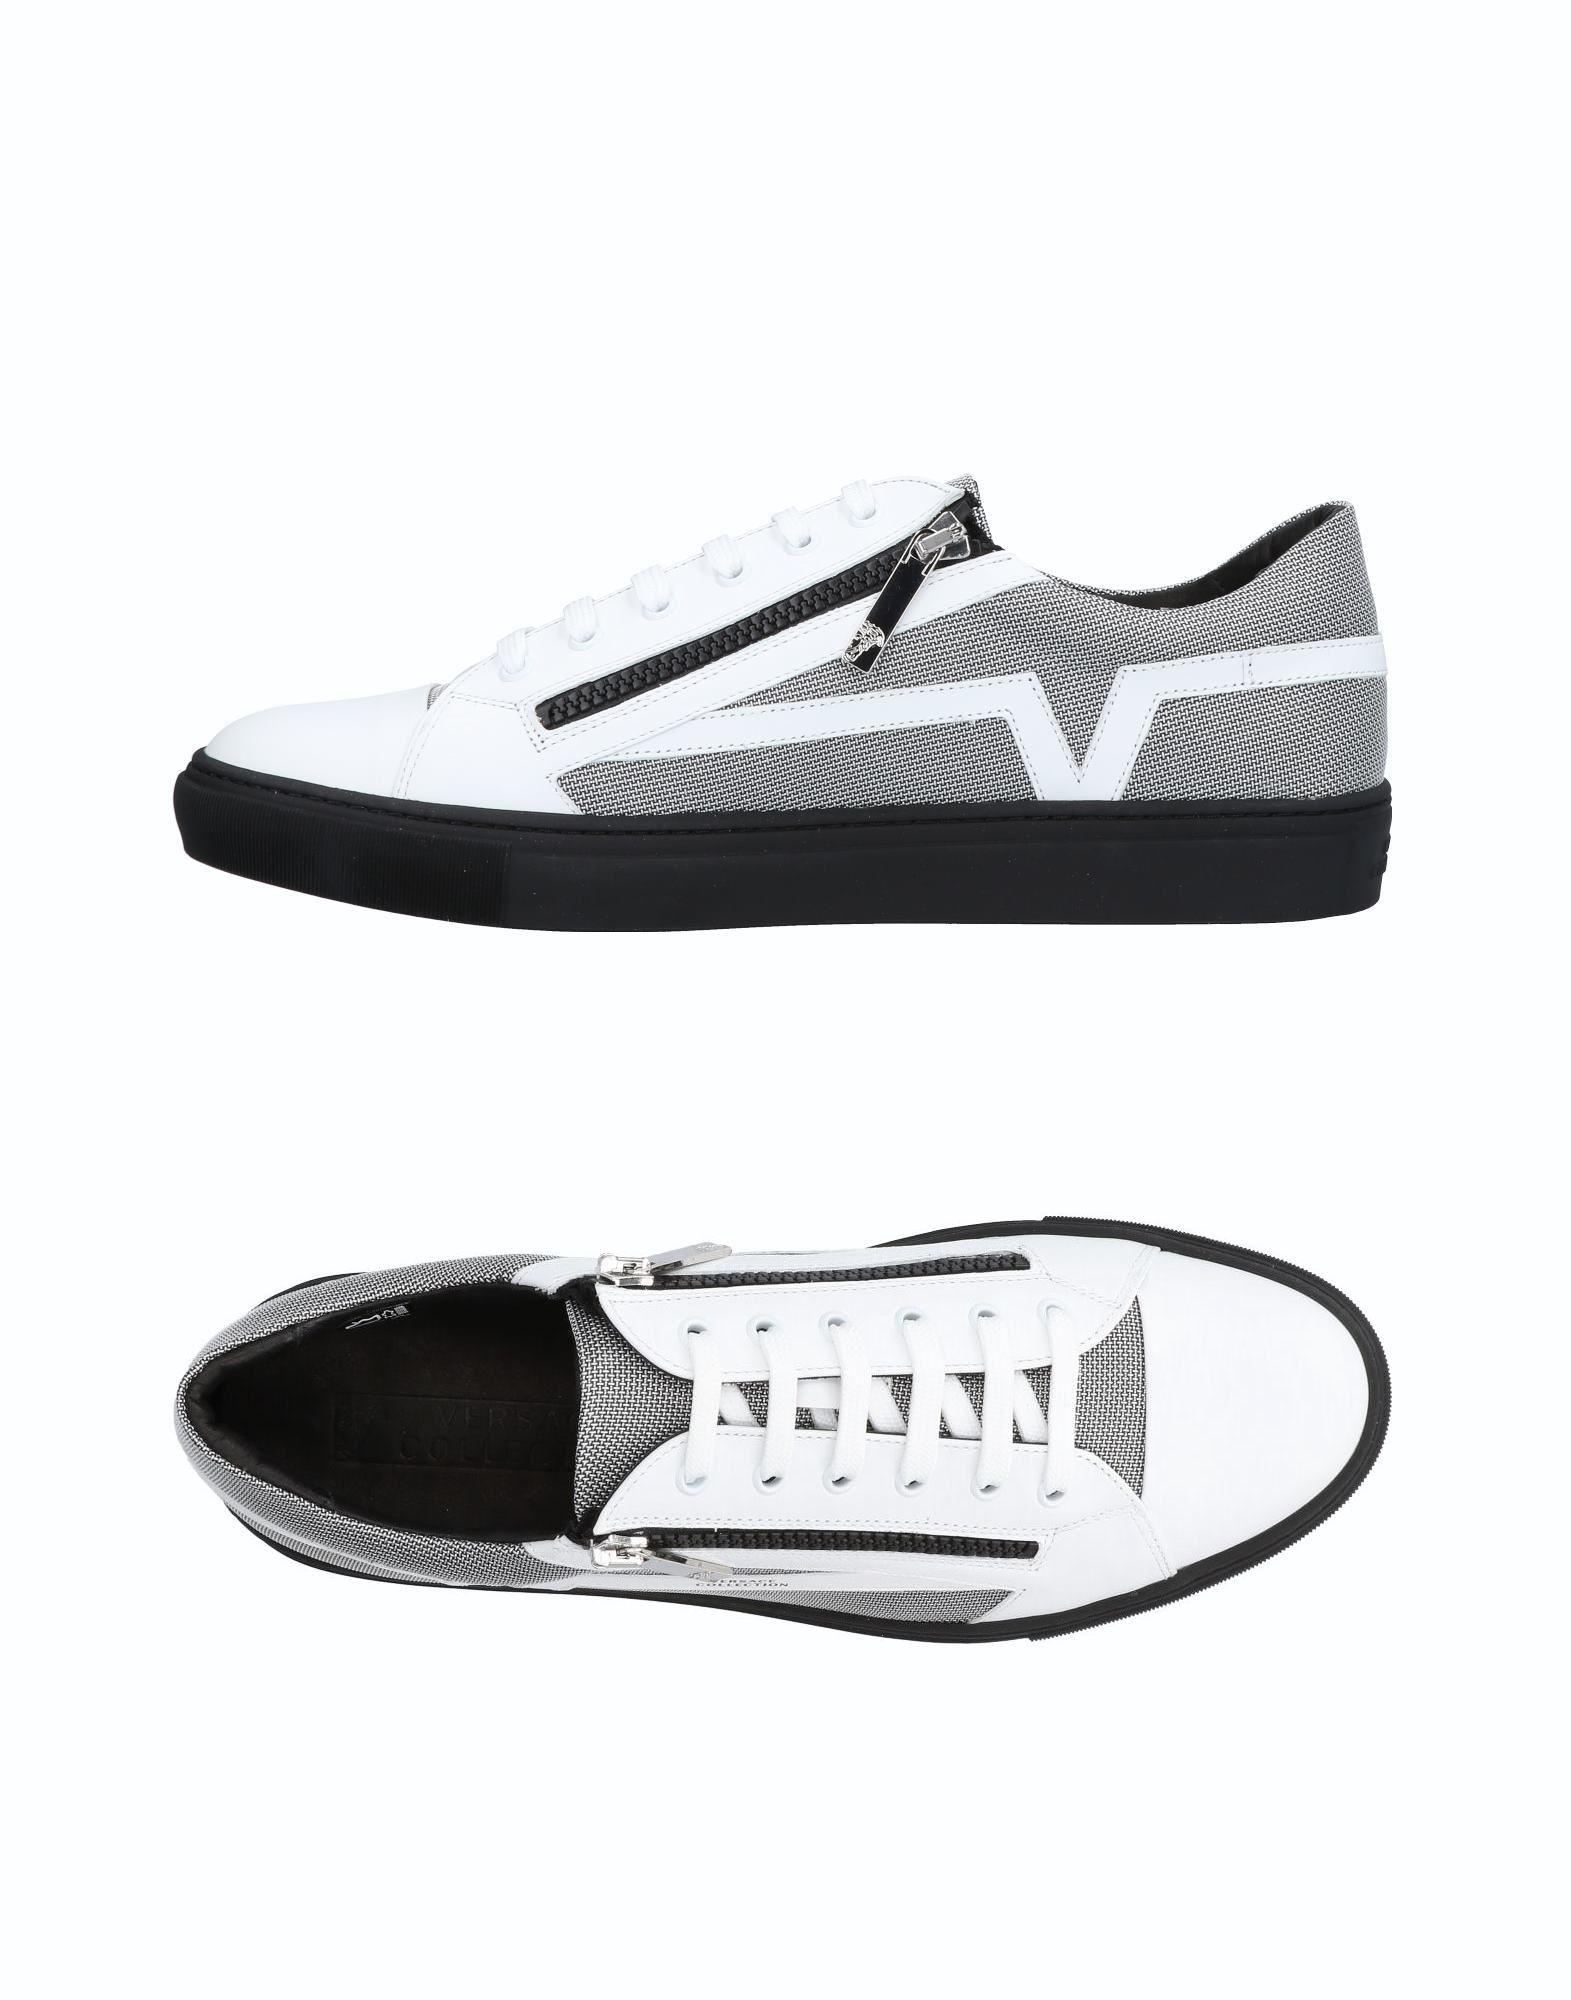 Versace 11465187NI Collection Sneakers Herren  11465187NI Versace ce01ef